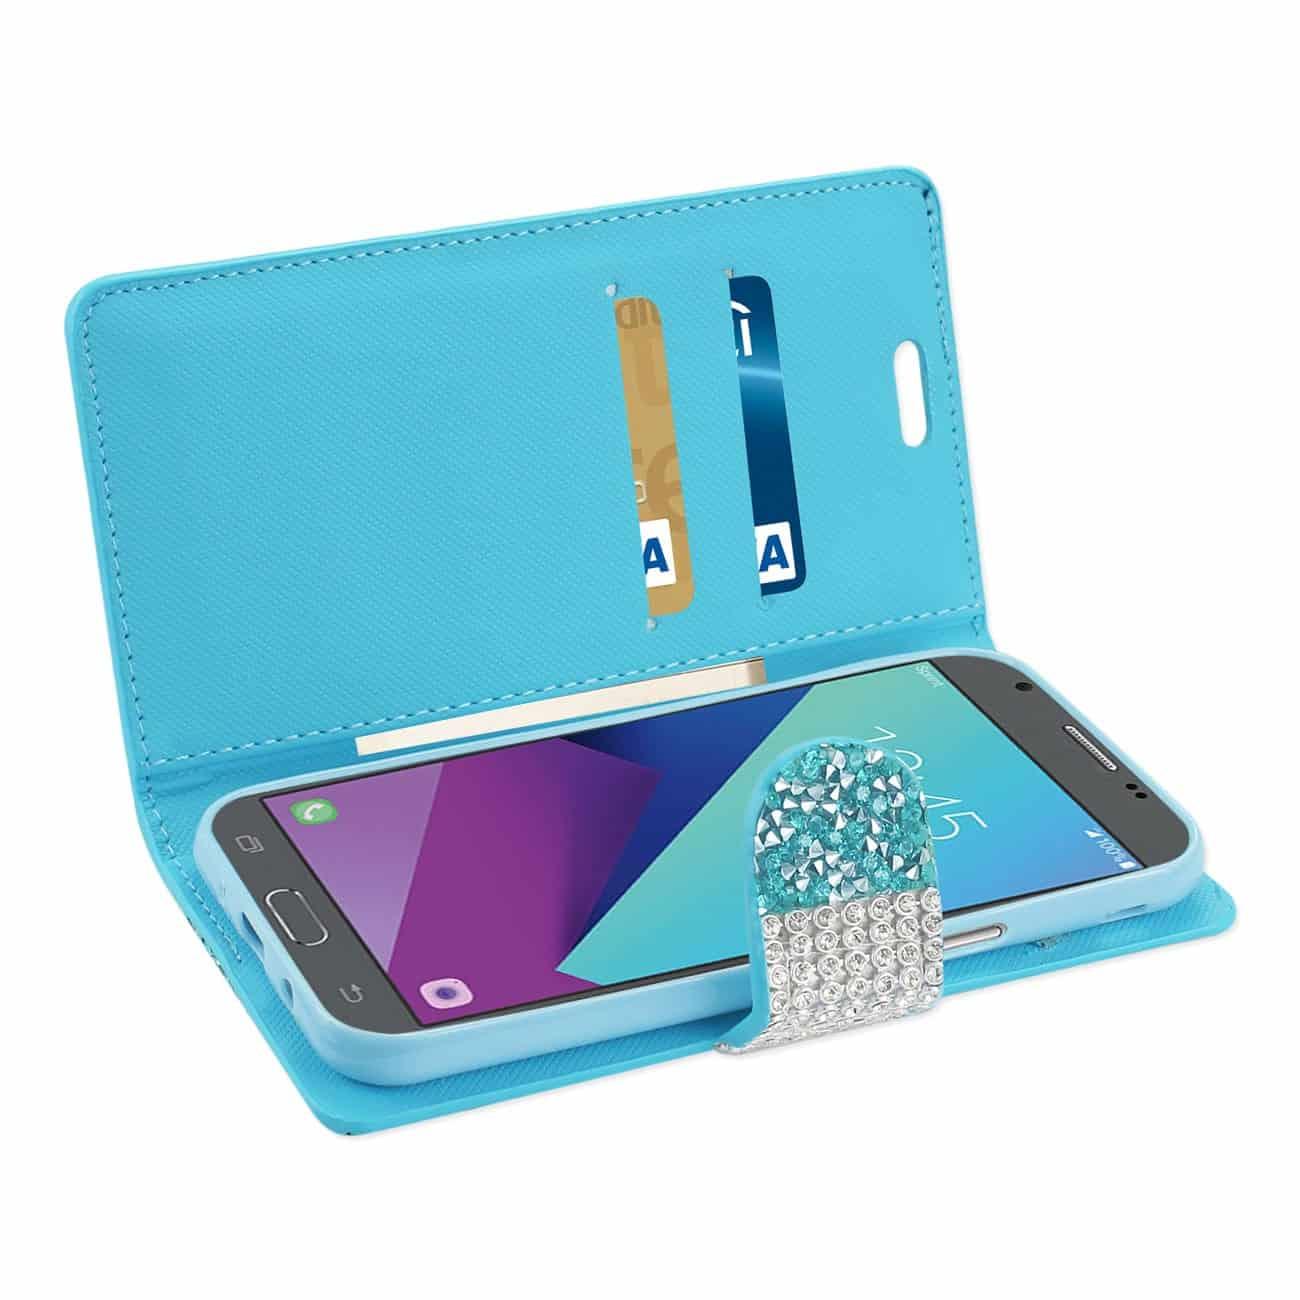 Samsung Galaxy J3 Emerge Diamond Rhinestone Wallet Case In Blue